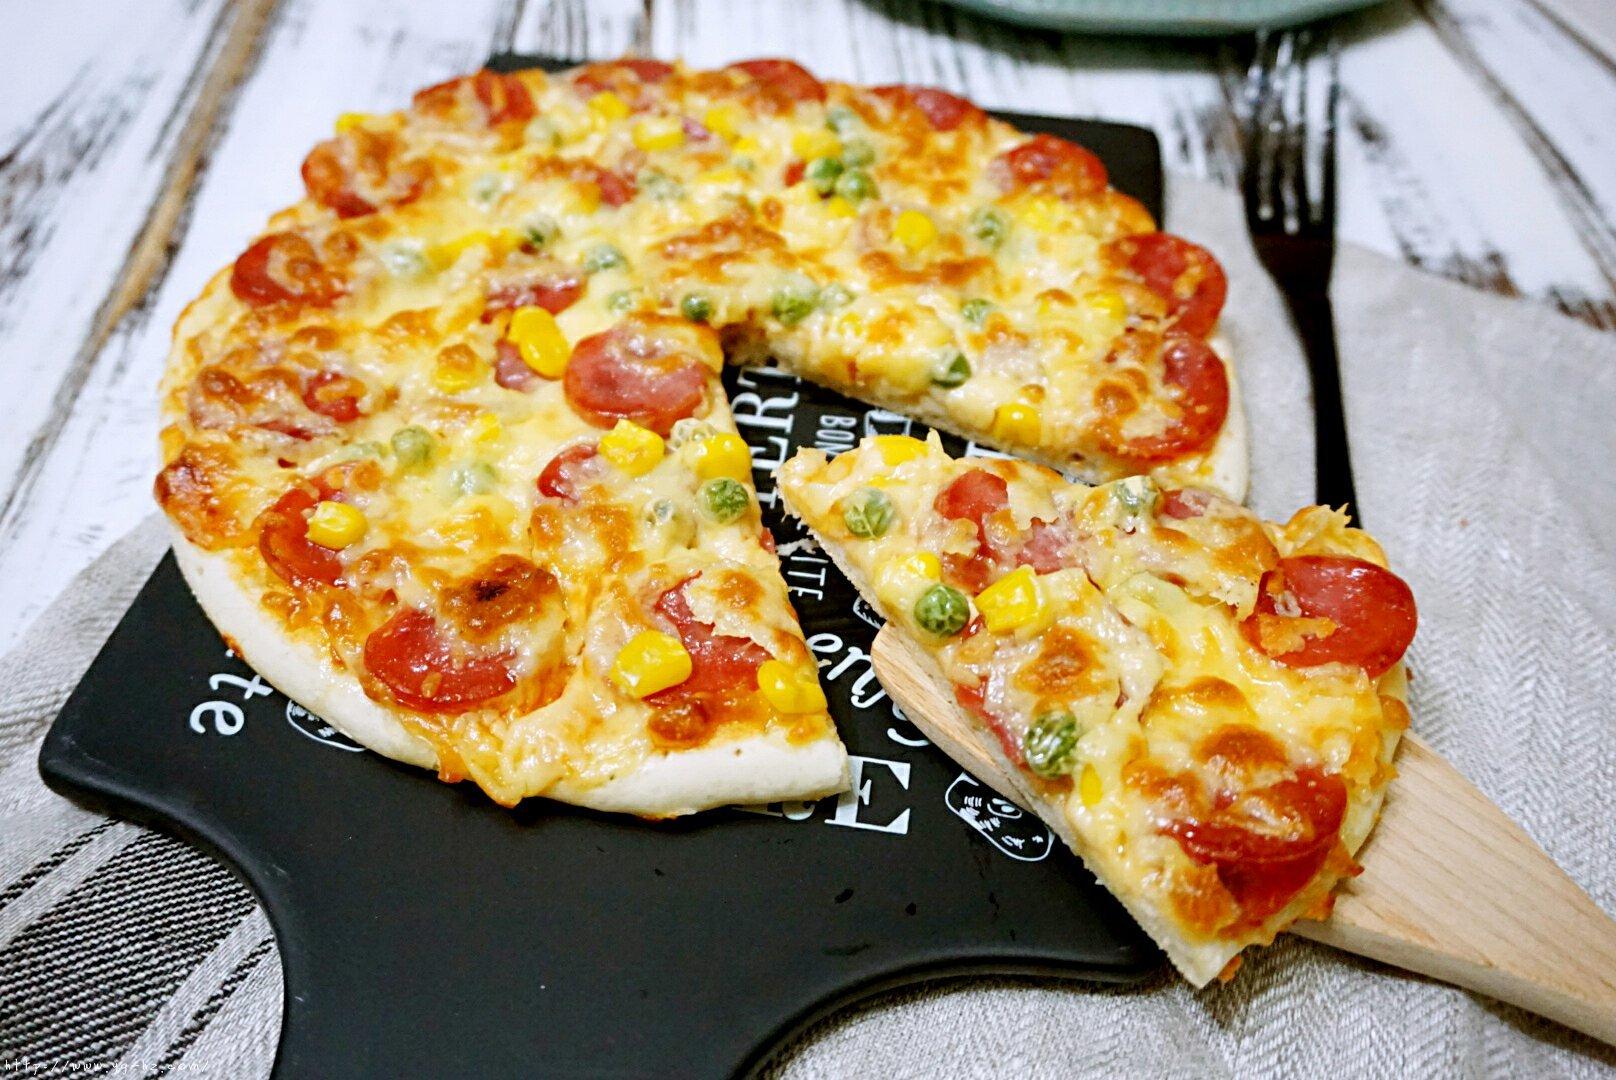 意式披萨的做法 步骤15